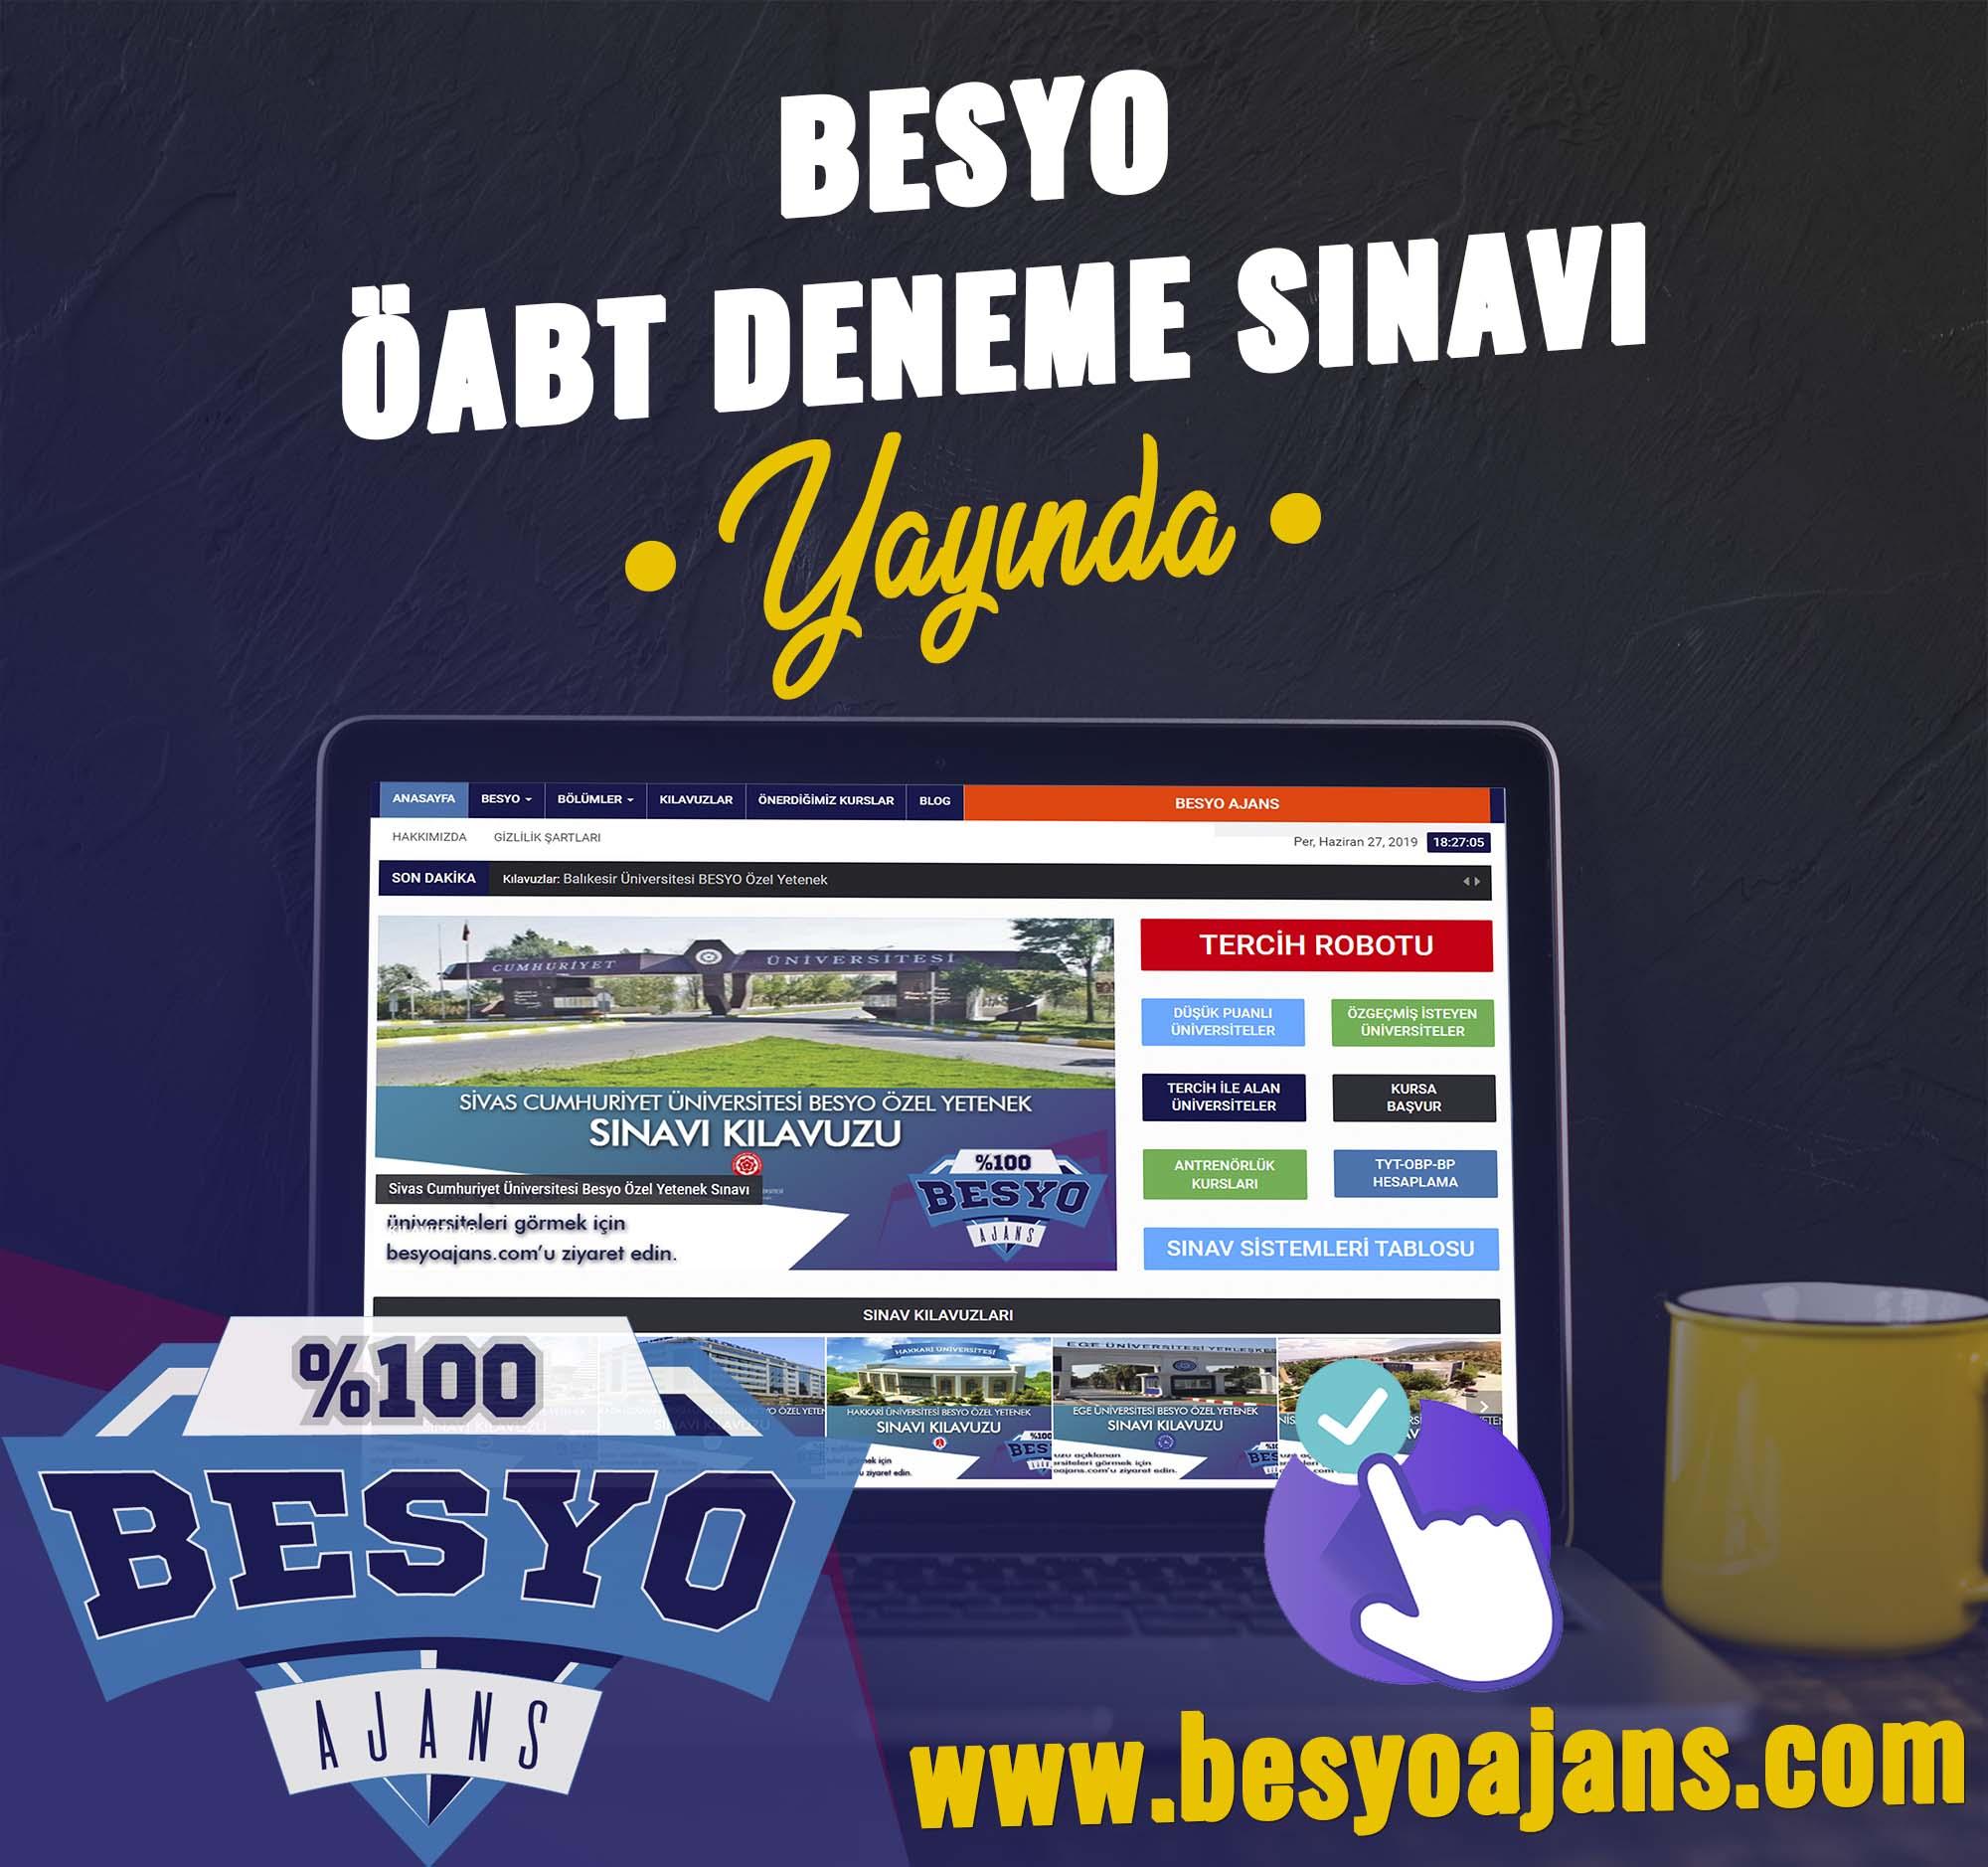 Ücretsiz Online BESYO ÖABT DENEME SINAVI 1